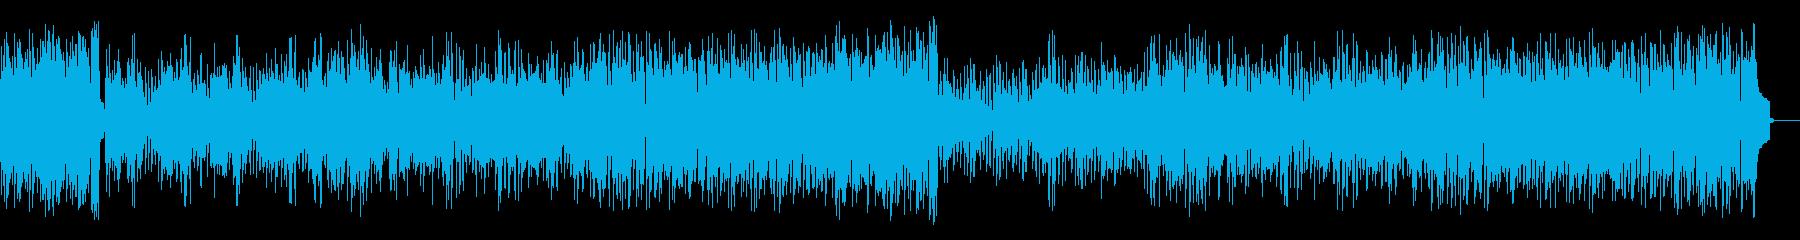 懐かしさに浸るジャズ(フルサイズ)の再生済みの波形